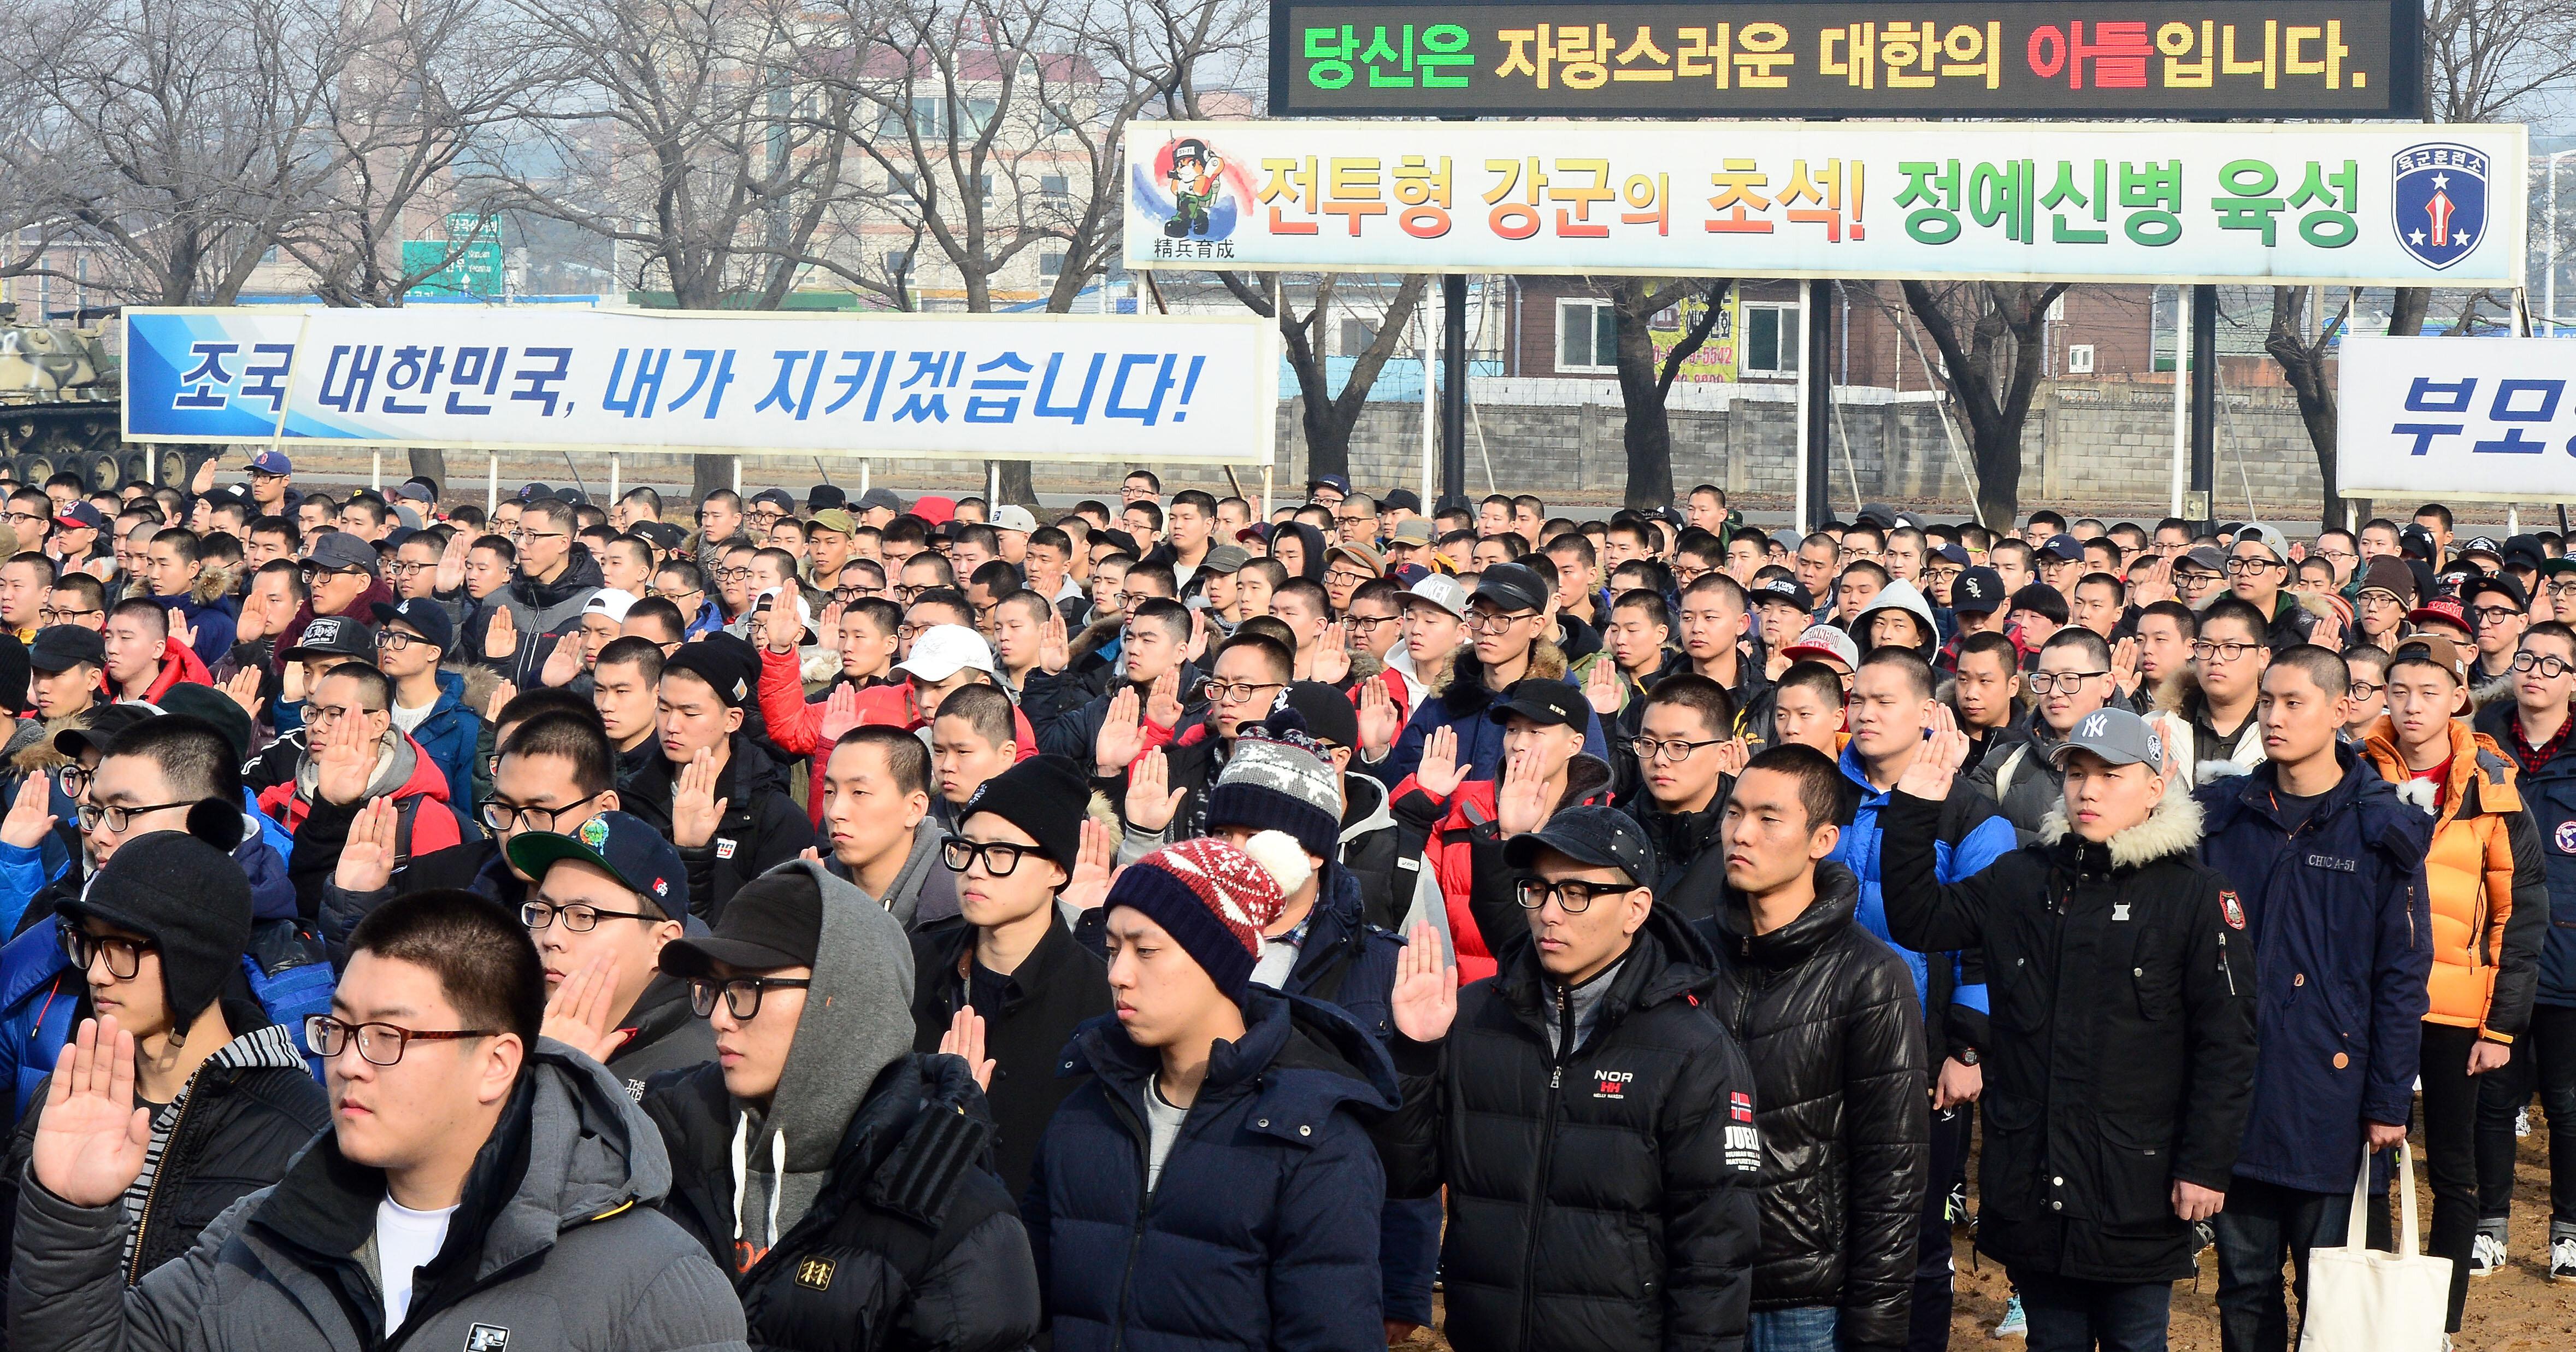 충남 논산 육군훈련소에 모인 훈련병들. 이 기사와 관련 없는